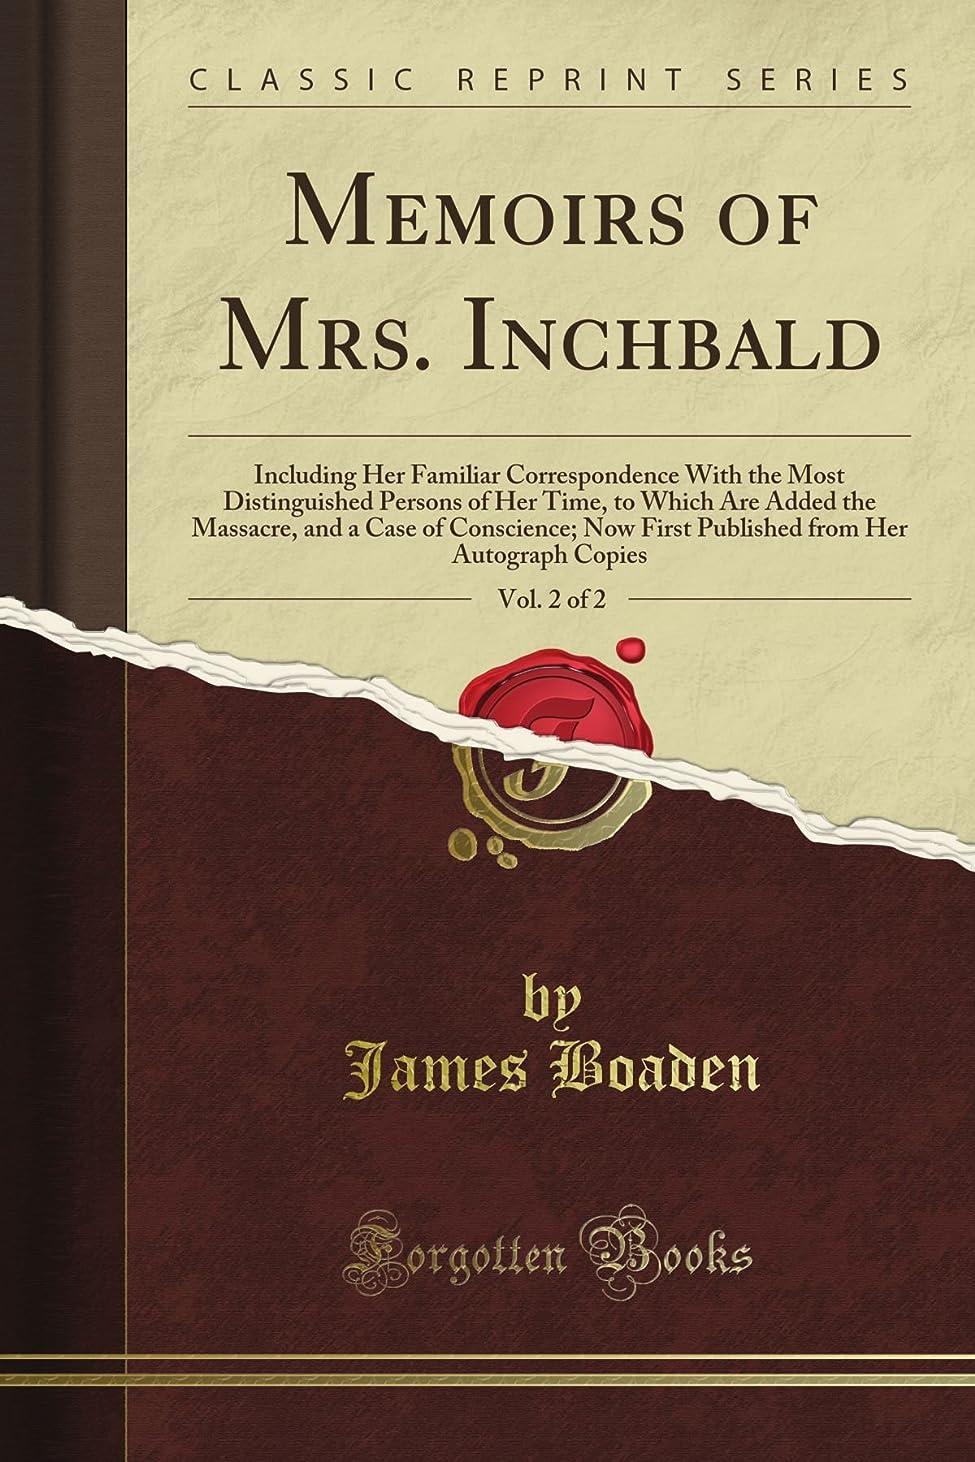 プット一般的に唯物論Memoirs of Mrs. Inchbald: Including Her Familiar Correspondence With the Most Distinguished Persons of Her Time, to Which Are Added the Massacre, and a Case of Conscience; Now First Published from Her Autograph Copies, Vol. 2 of 2 (Classic Reprint)